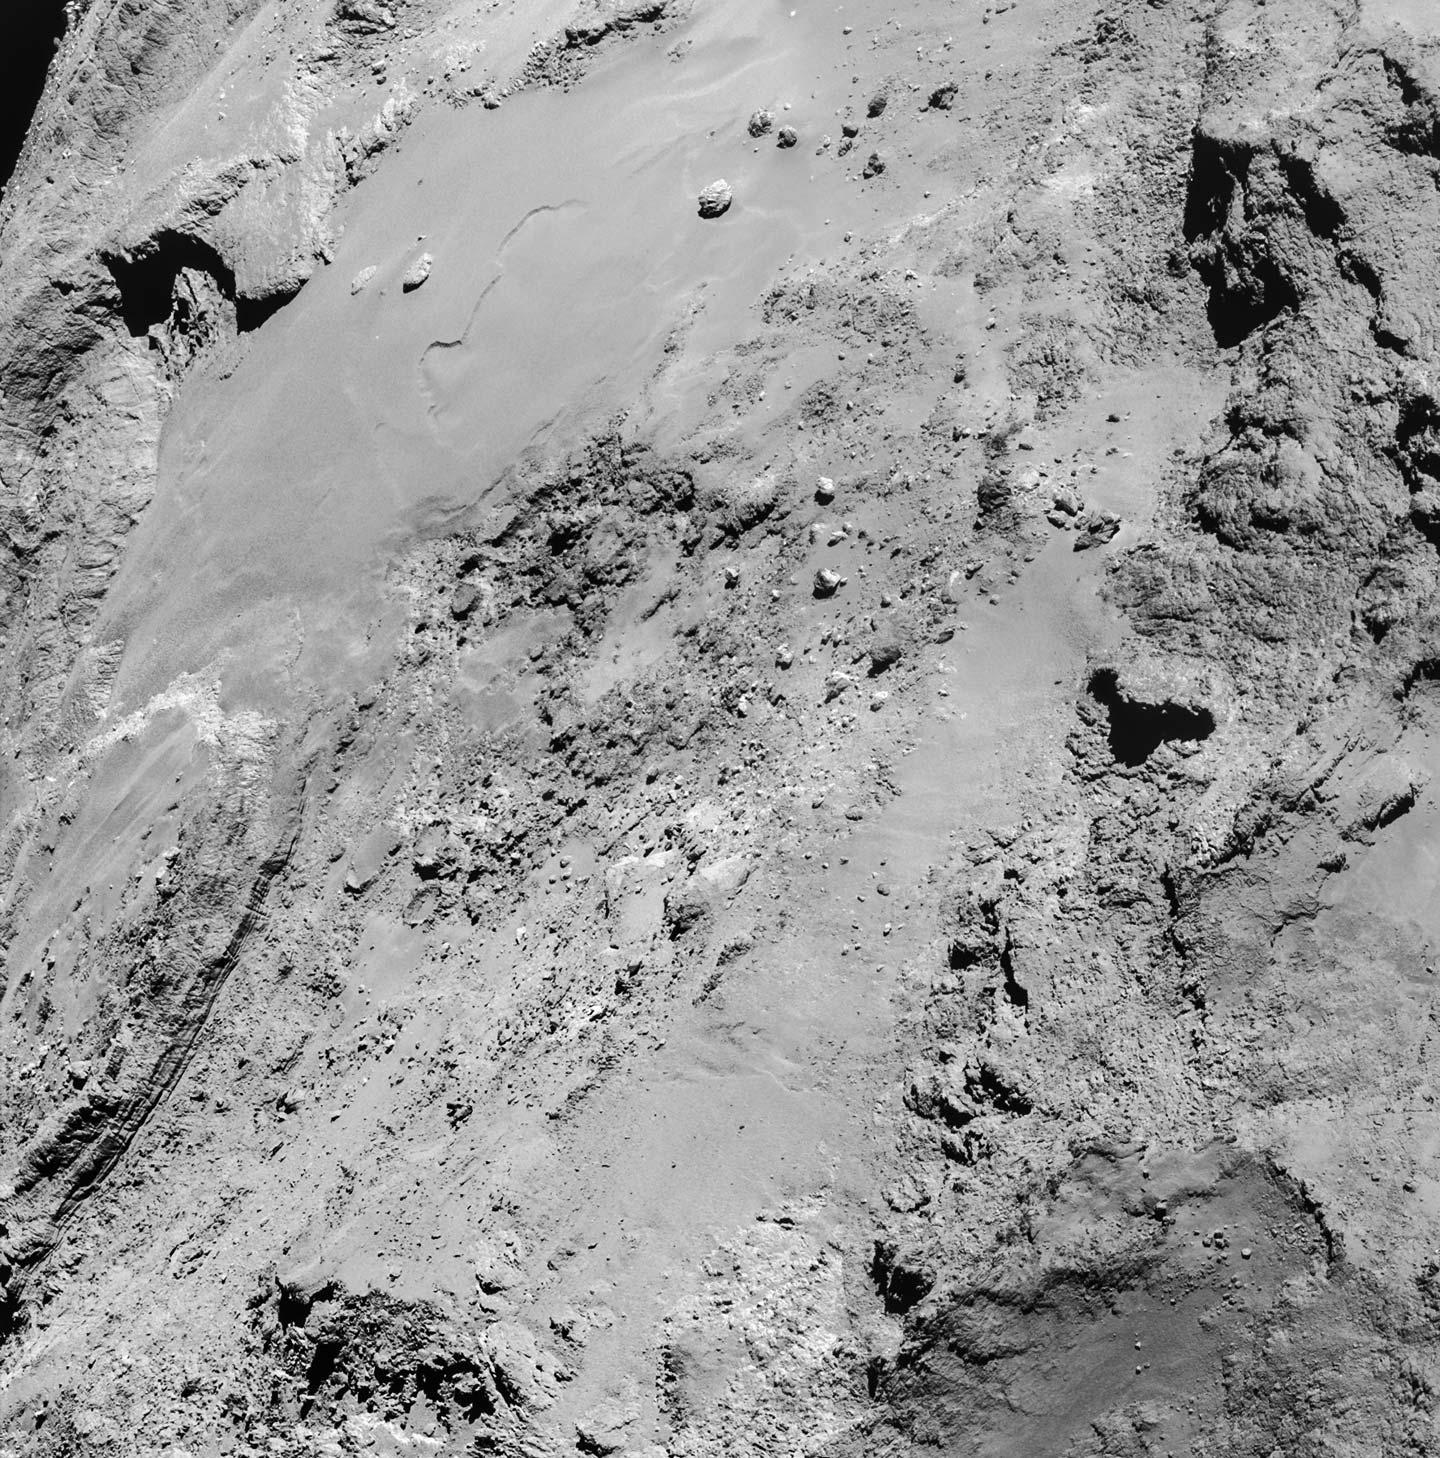 the comet 67P/Churyumov-Gerasimenko